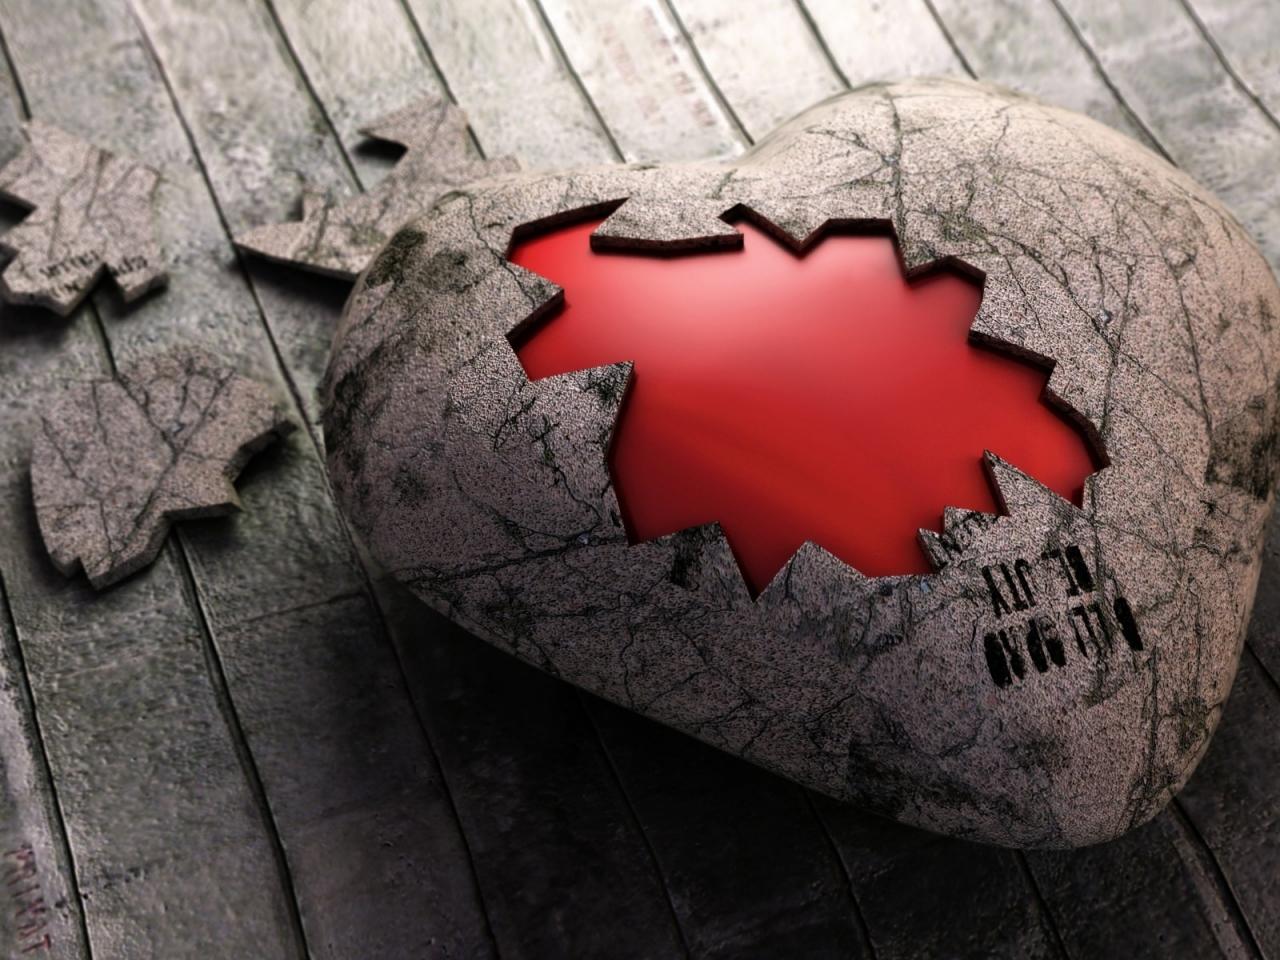 Un rompecabezas de corazón - 1280x960